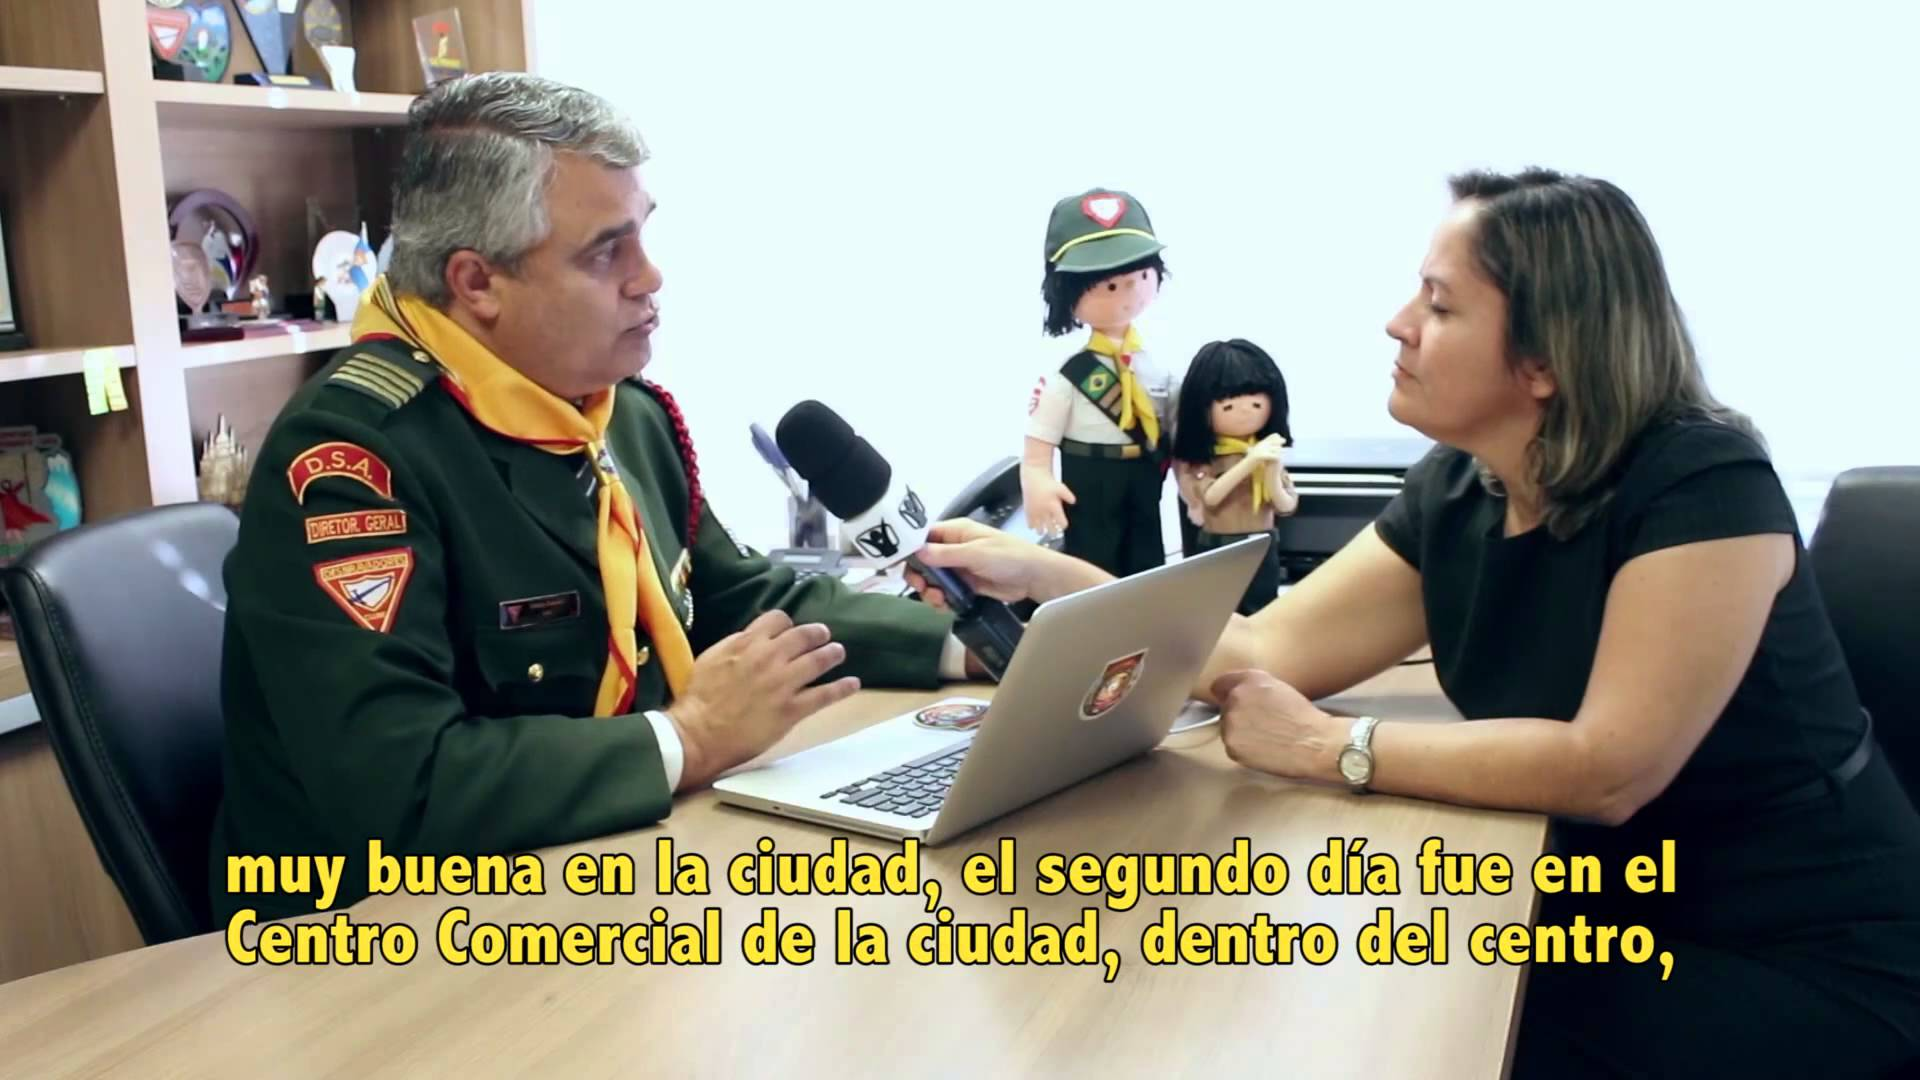 Noticias Adventistas- Recuento Camporí 2013- Pr. Udolcy Zukowski